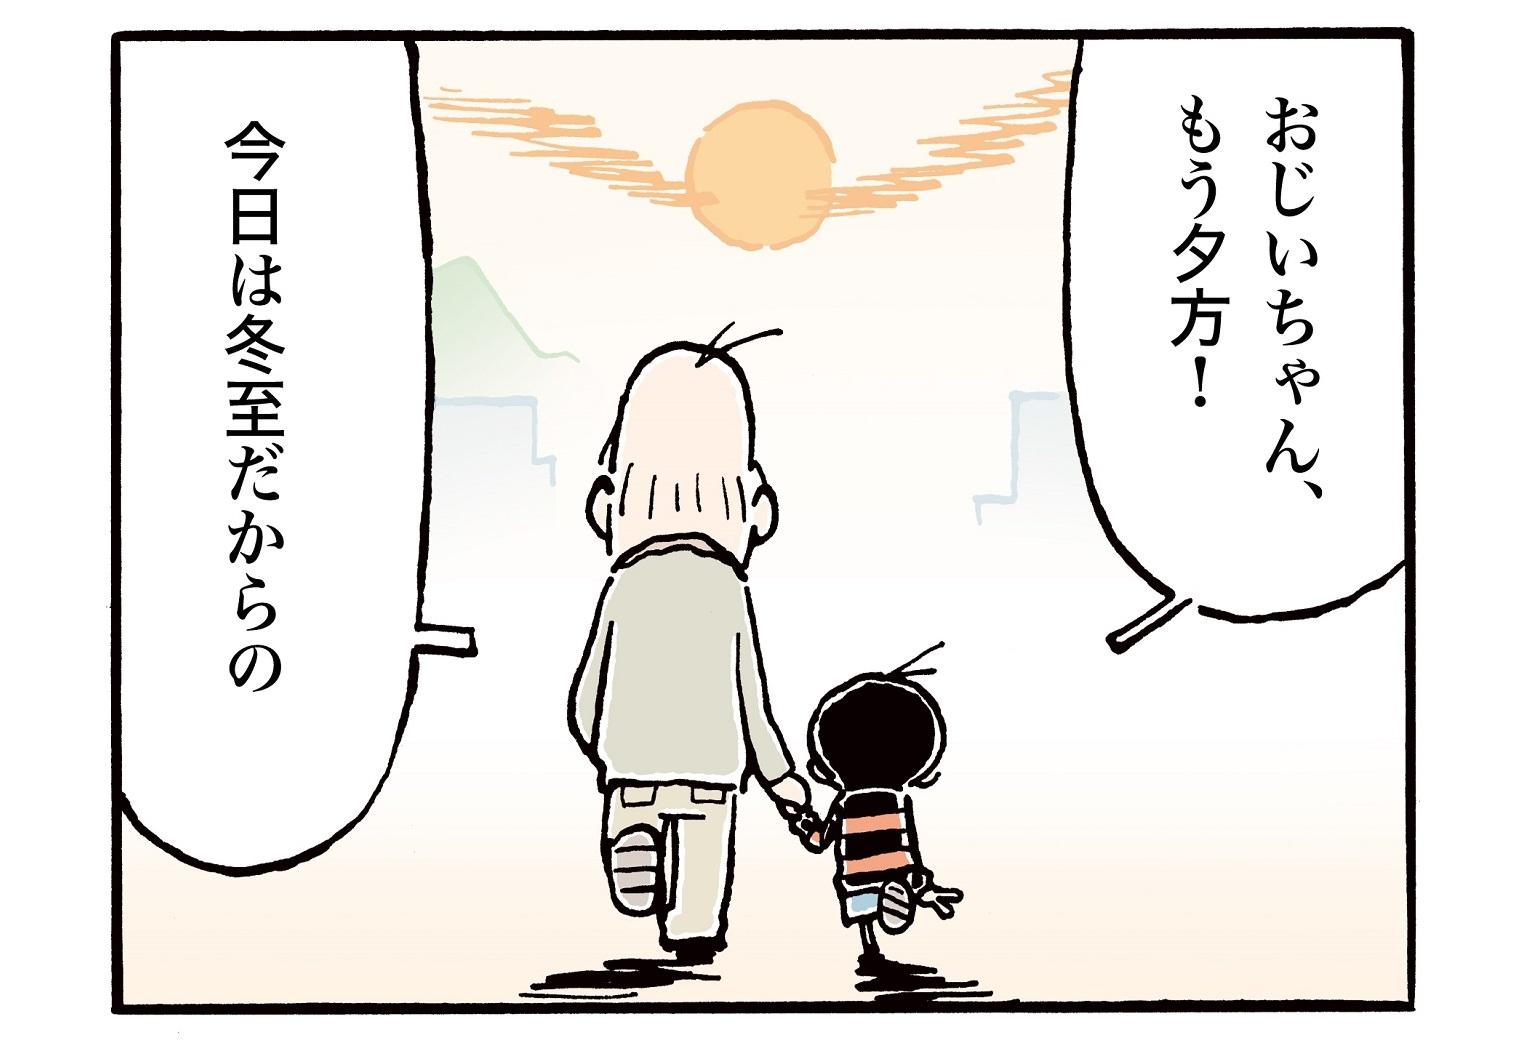 和のくらしとおもちゃの四コママンガ「ソフトマゴ」12月